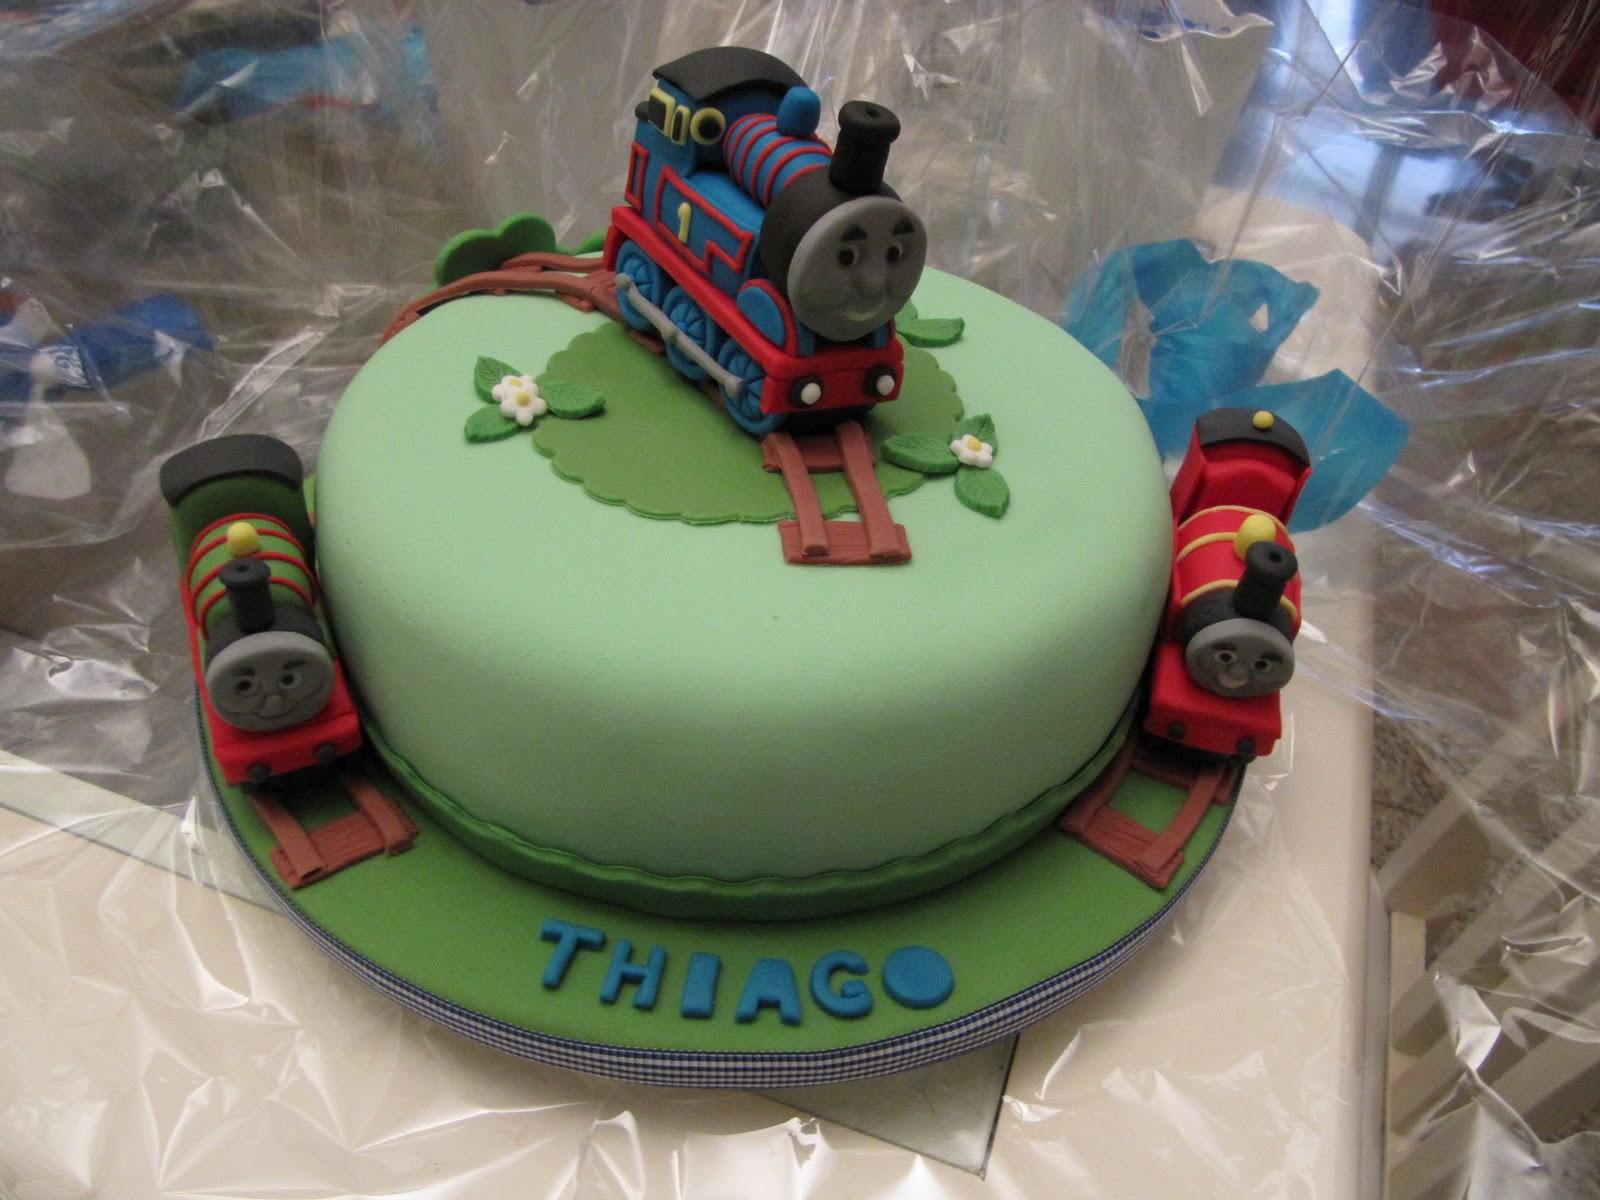 De Ser Um Bolo Muito Leve Fica Igualmente Saboroso Cake on Pinterest ...